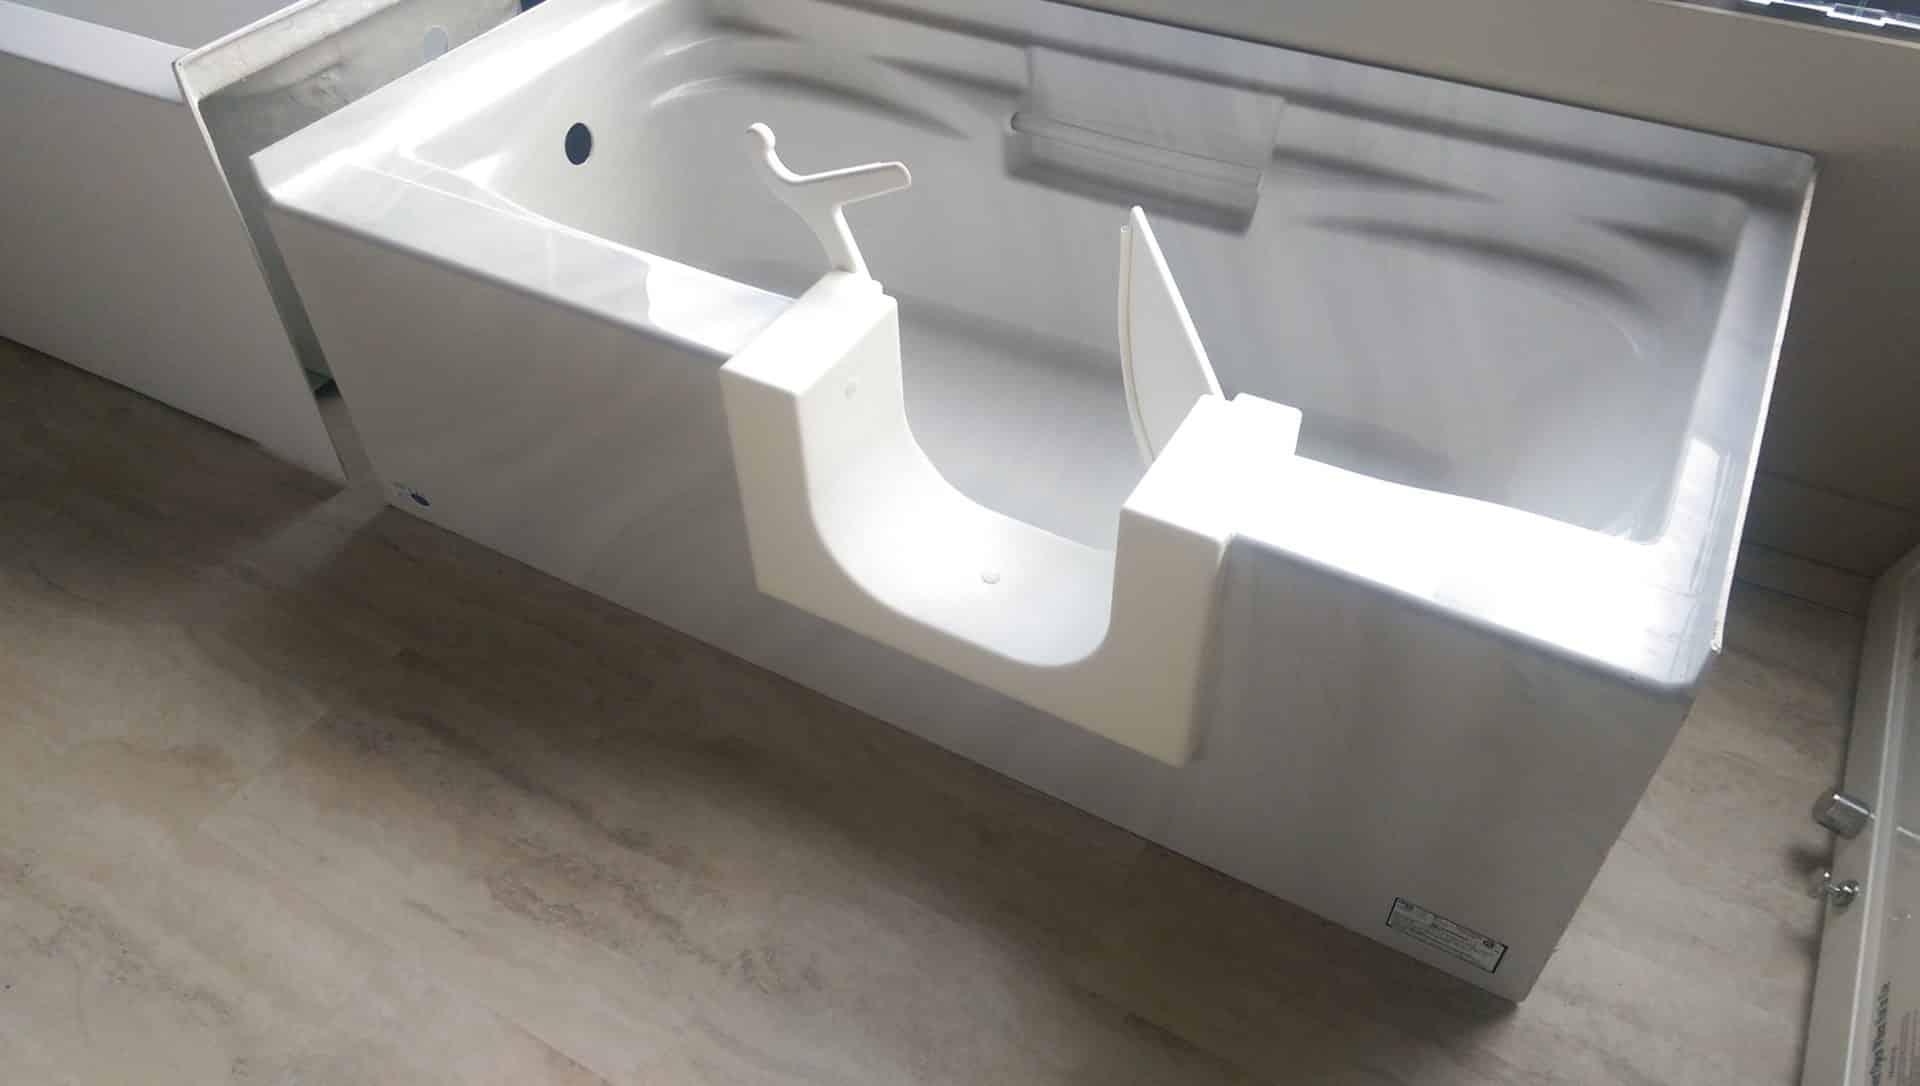 walk-in bathtub with door open, installed